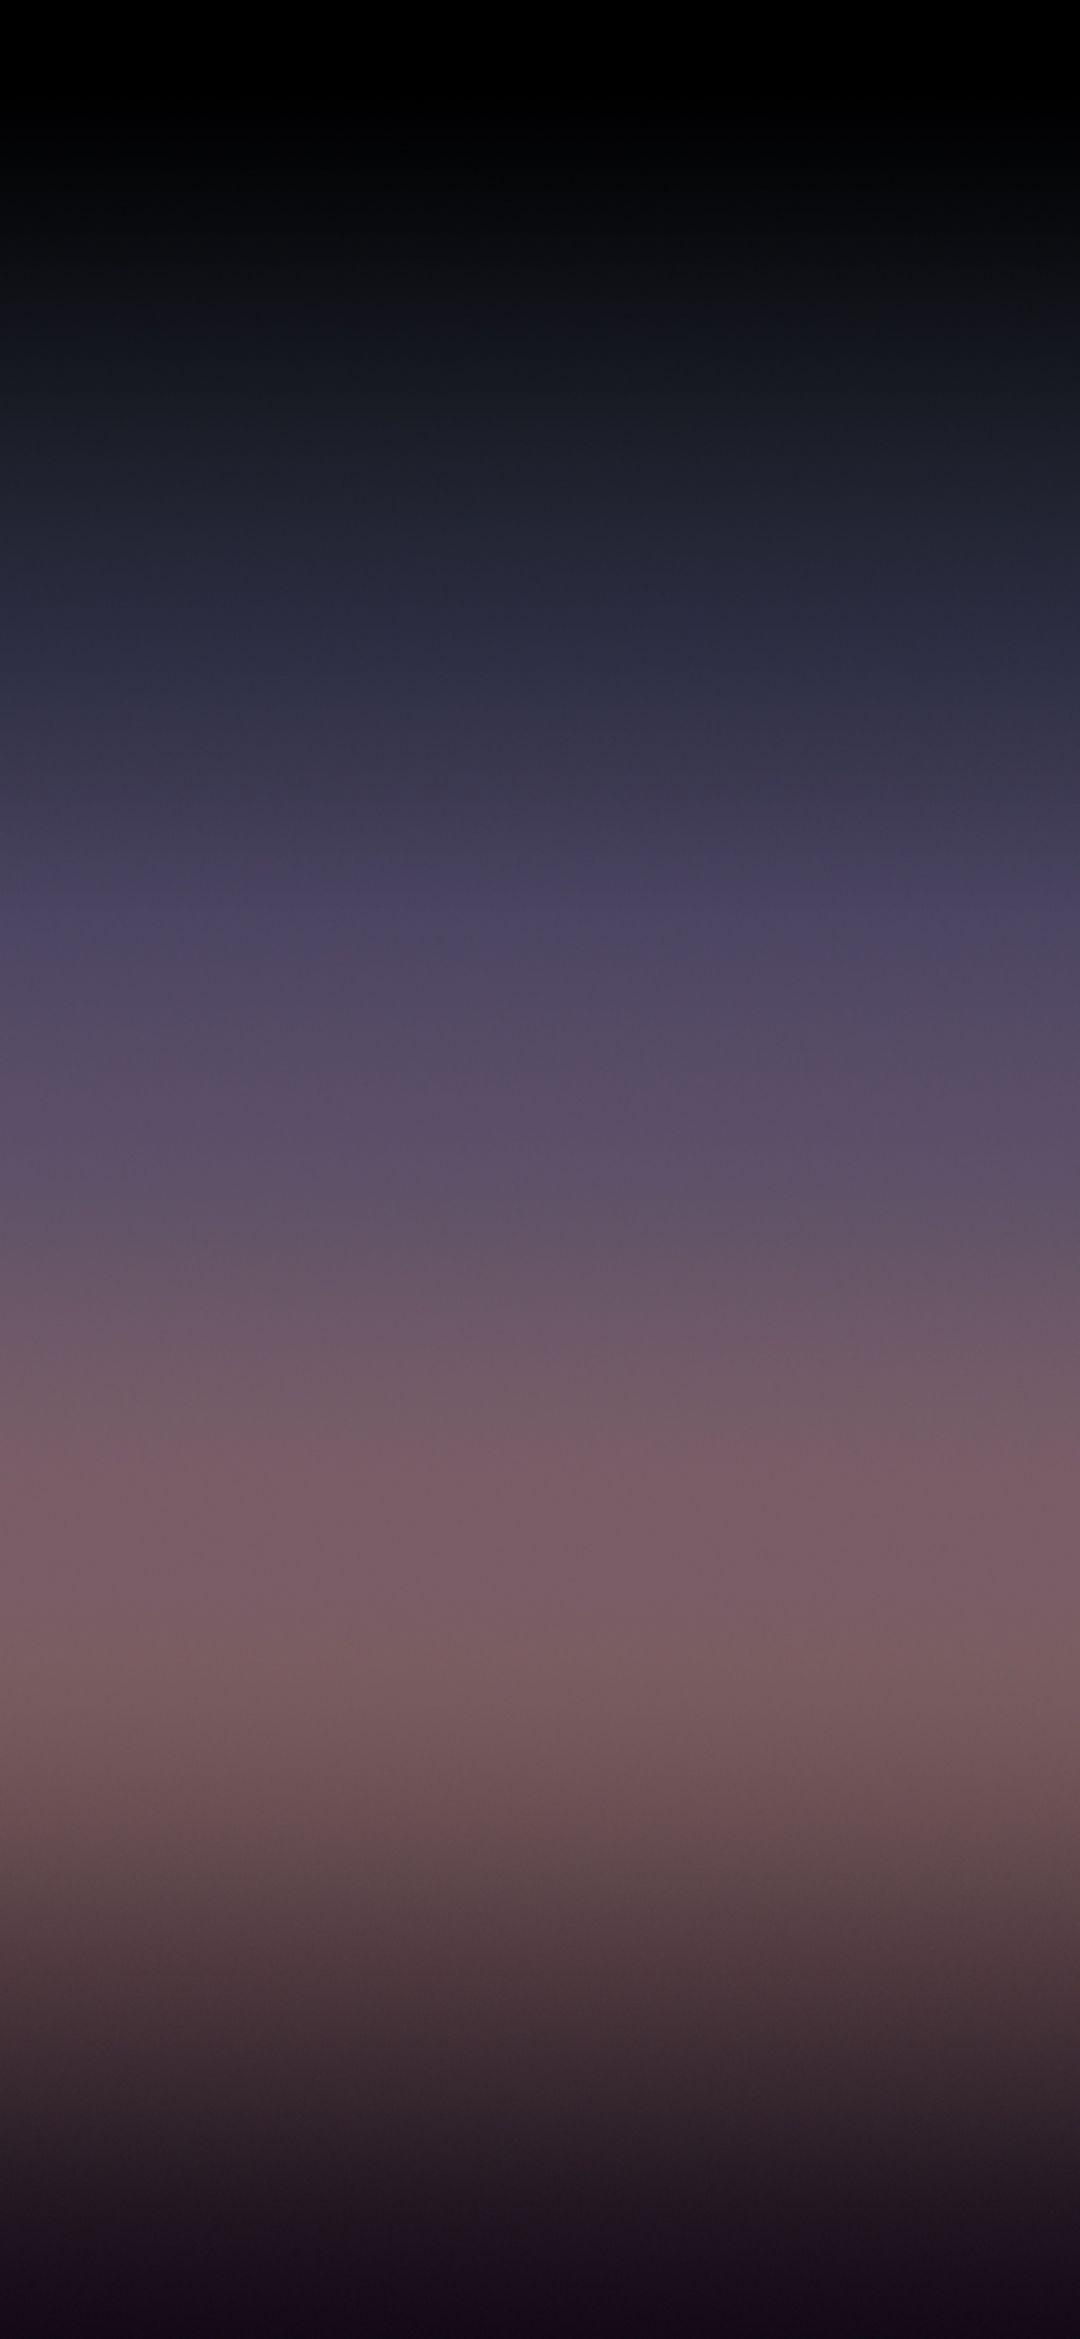 Minimalist Black Phone - Iphone X Wallpaper Minimal - HD Wallpaper